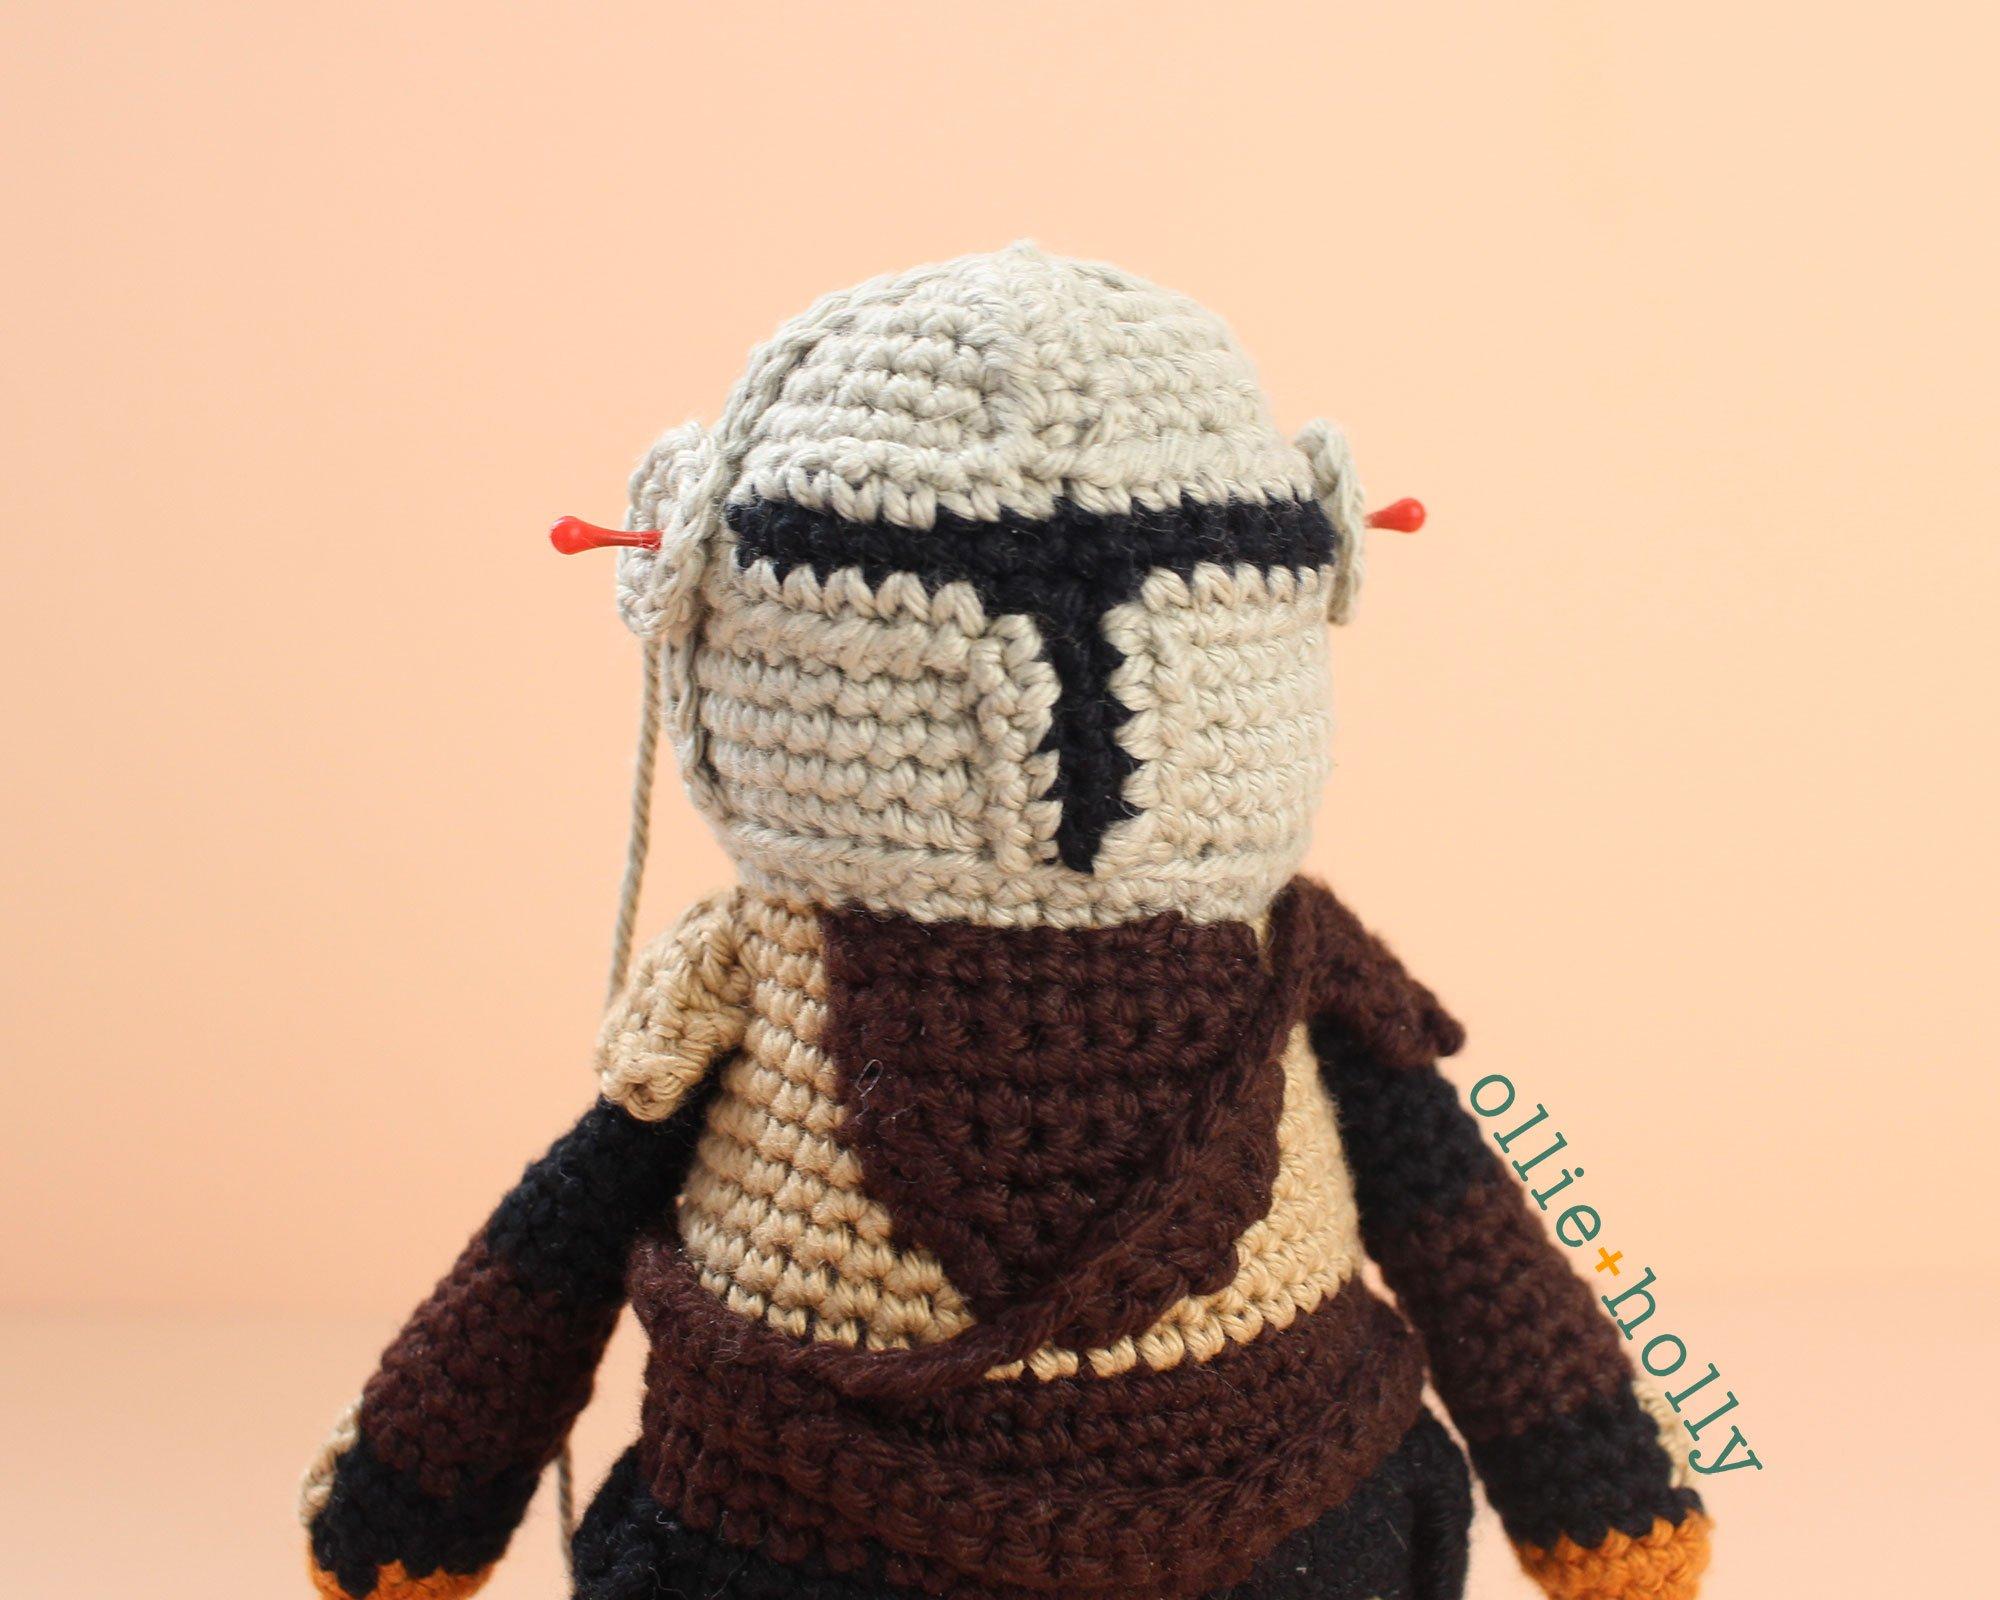 Free Mandalorian Din Djarin Amigurumi Crochet Pattern Assembly Step 12